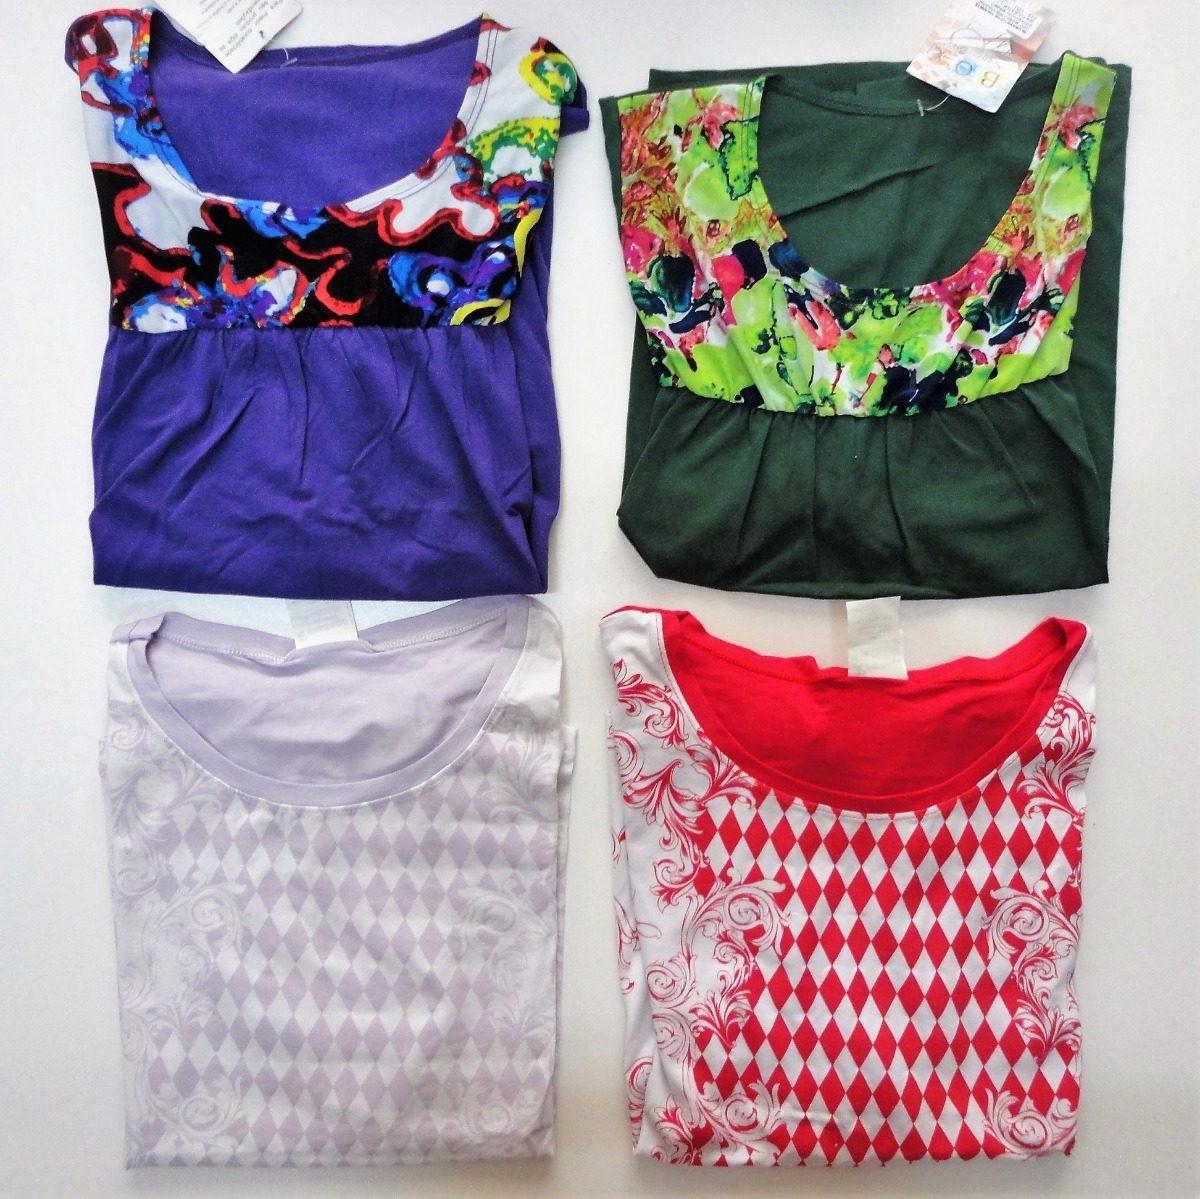 kit 6 blusas femininas estampadas e lisas liquida estoque. Carregando zoom. 3421664b1bd81